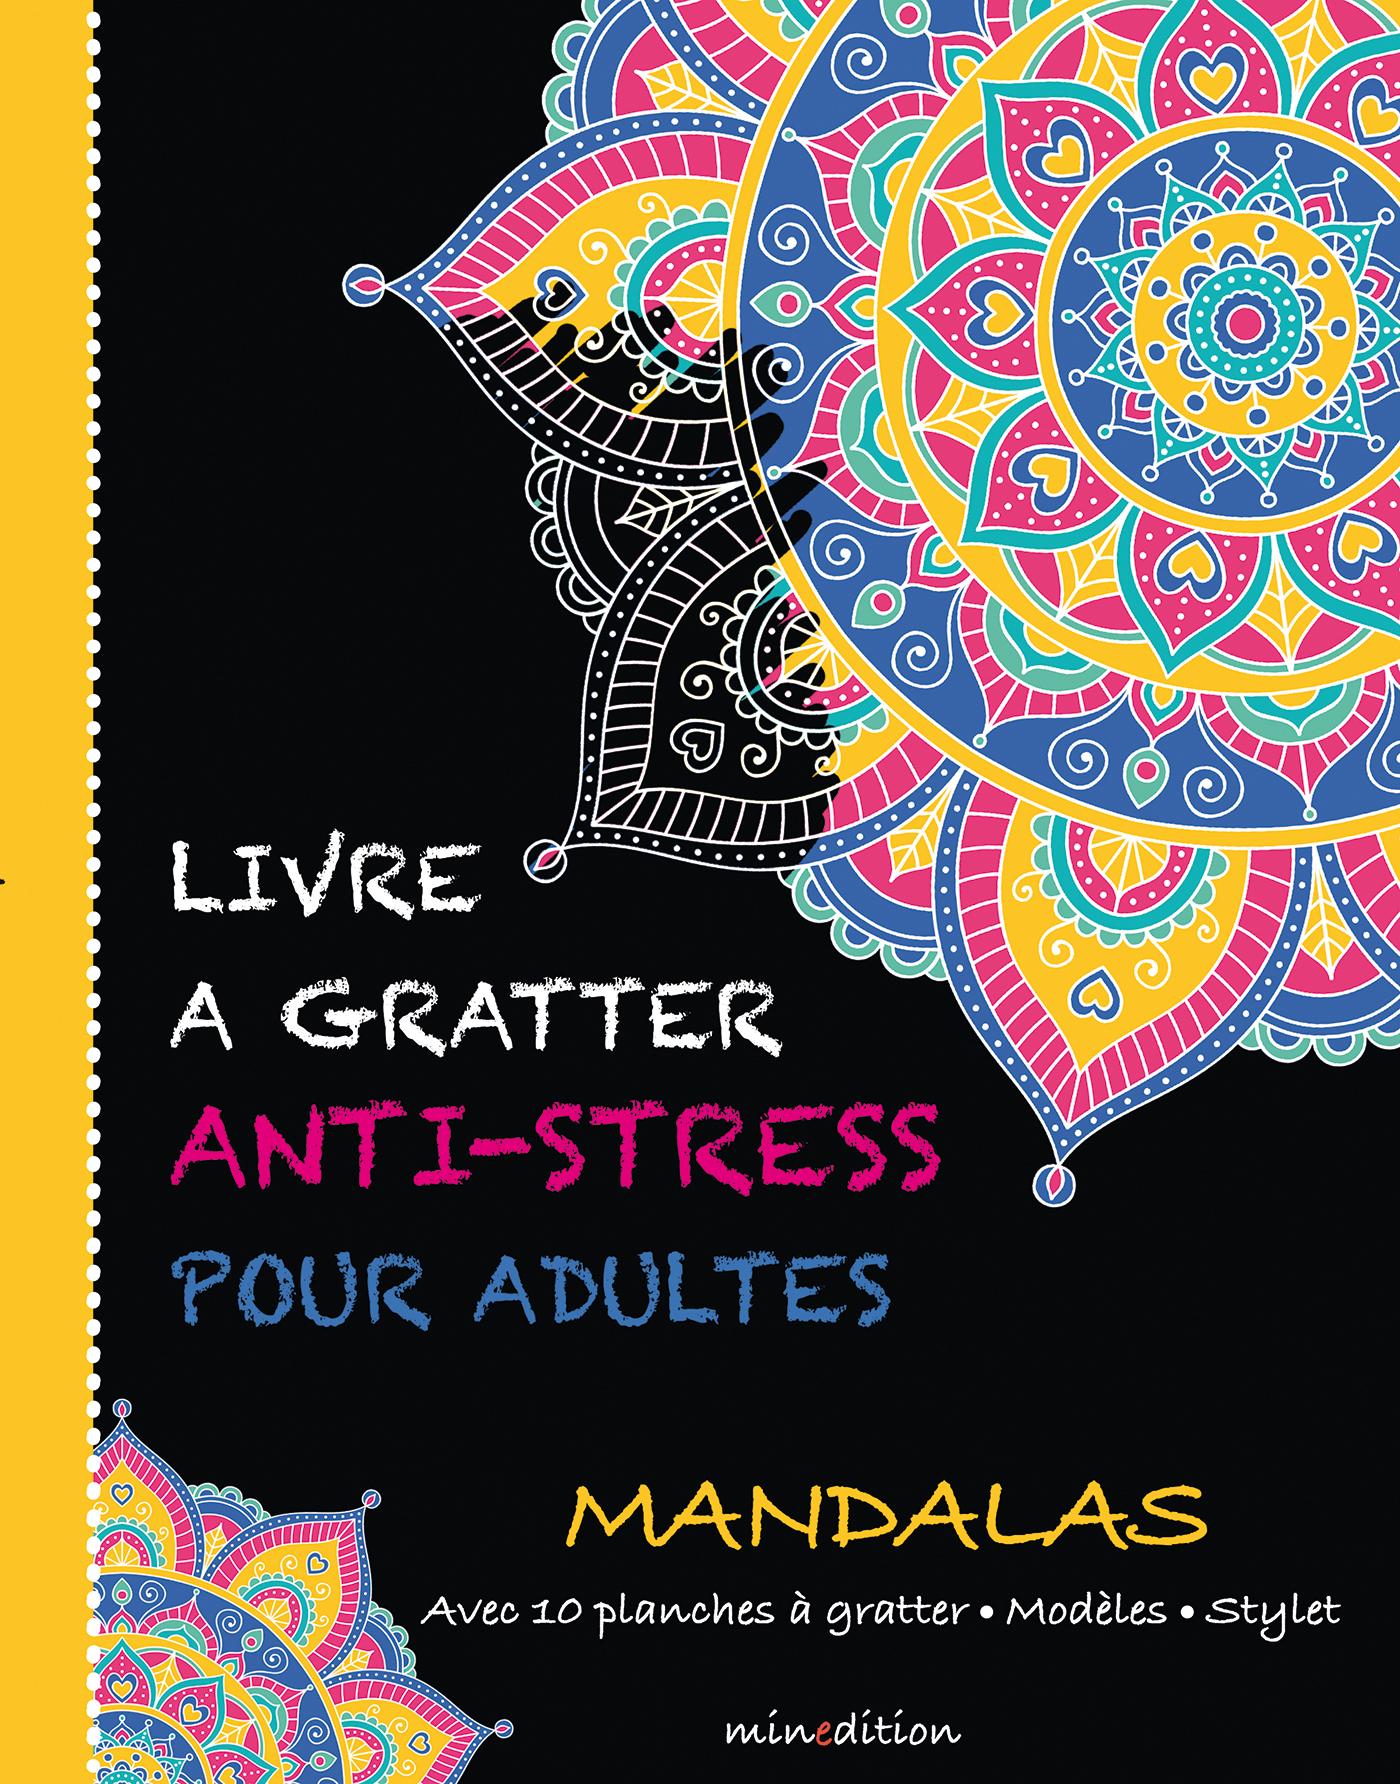 LIVRE A GRATTER ANTI-STRESS POUR ADULTES - MANDALAS